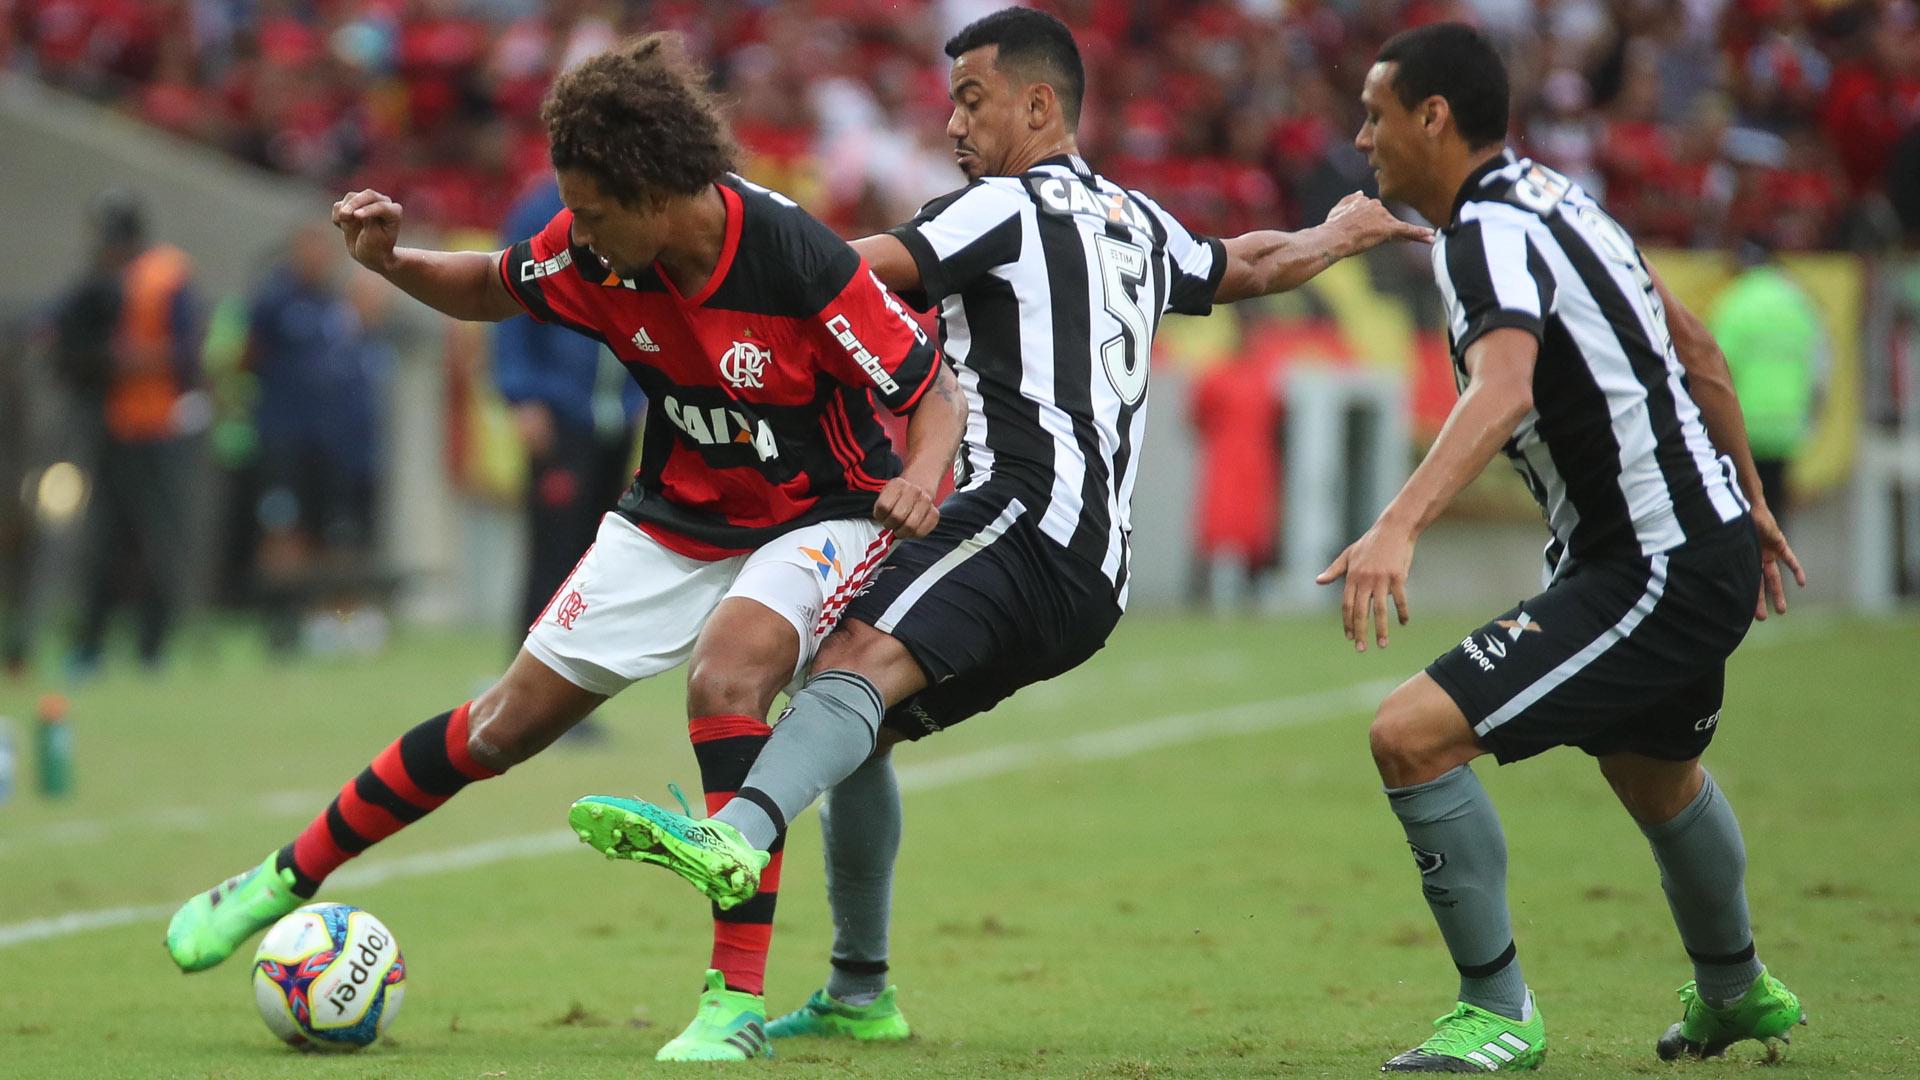 Arão Flamengo x Botafogo Carioca 23 04 17